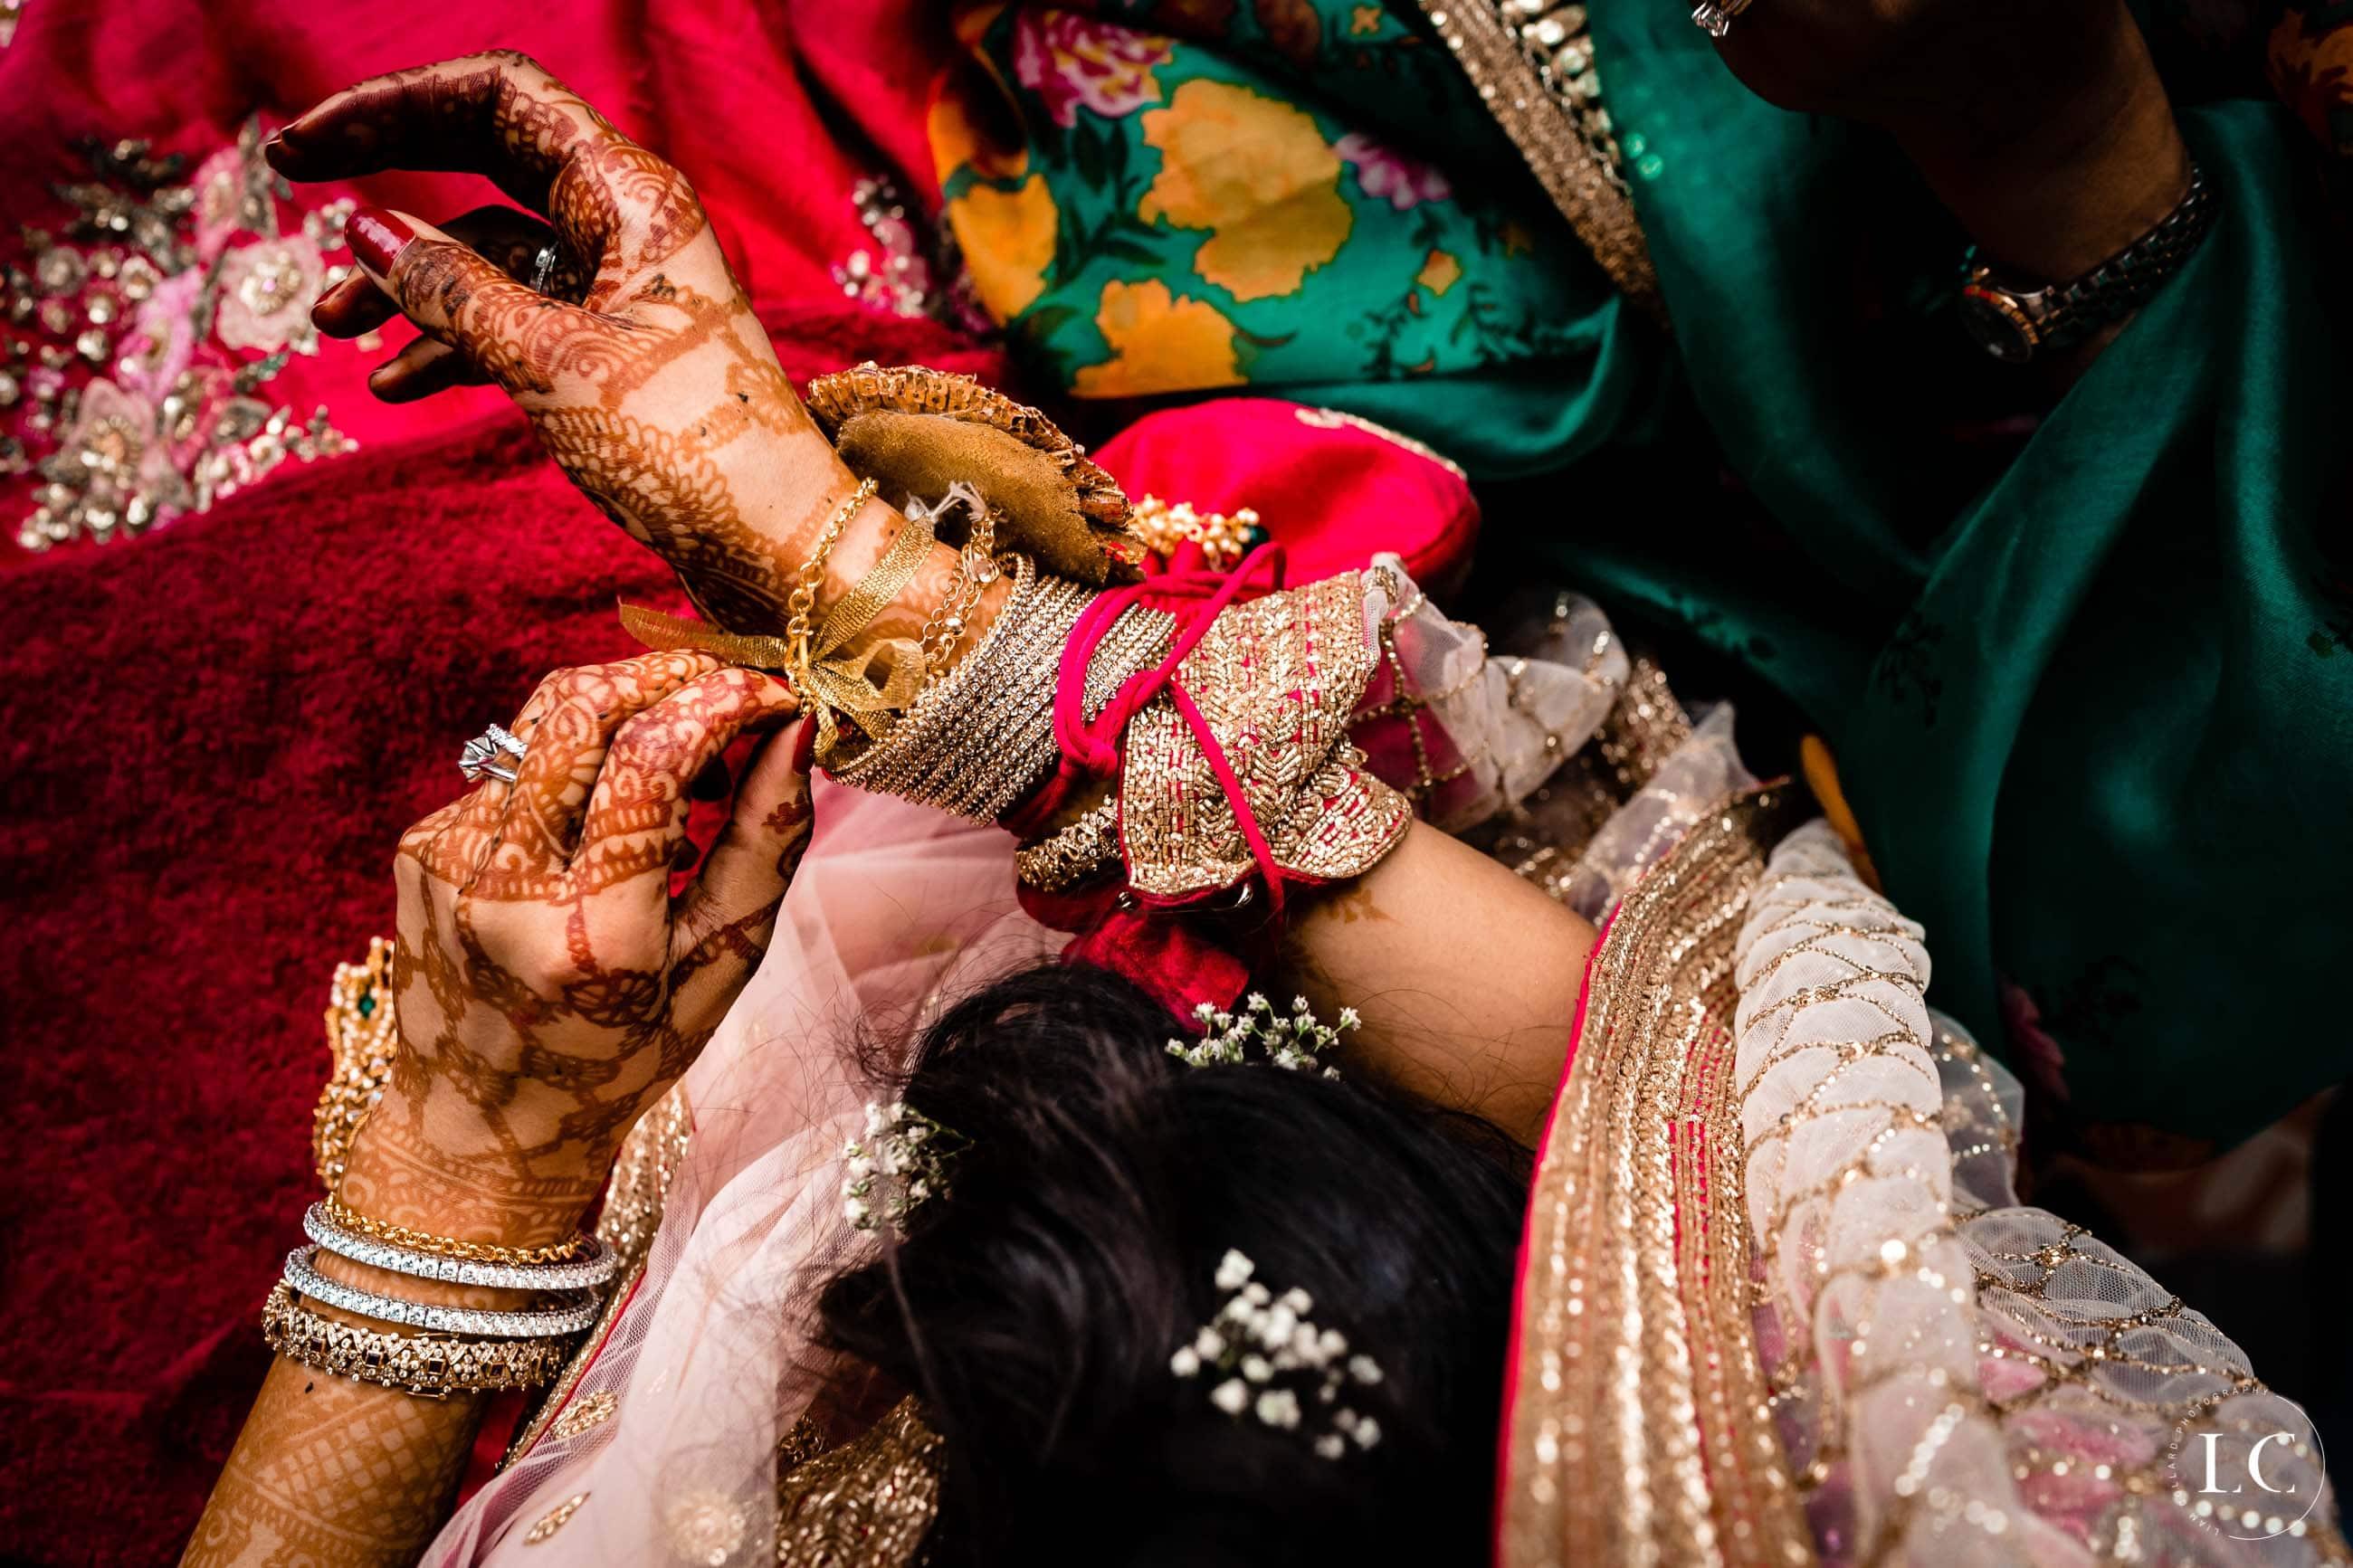 Showing hands of bride